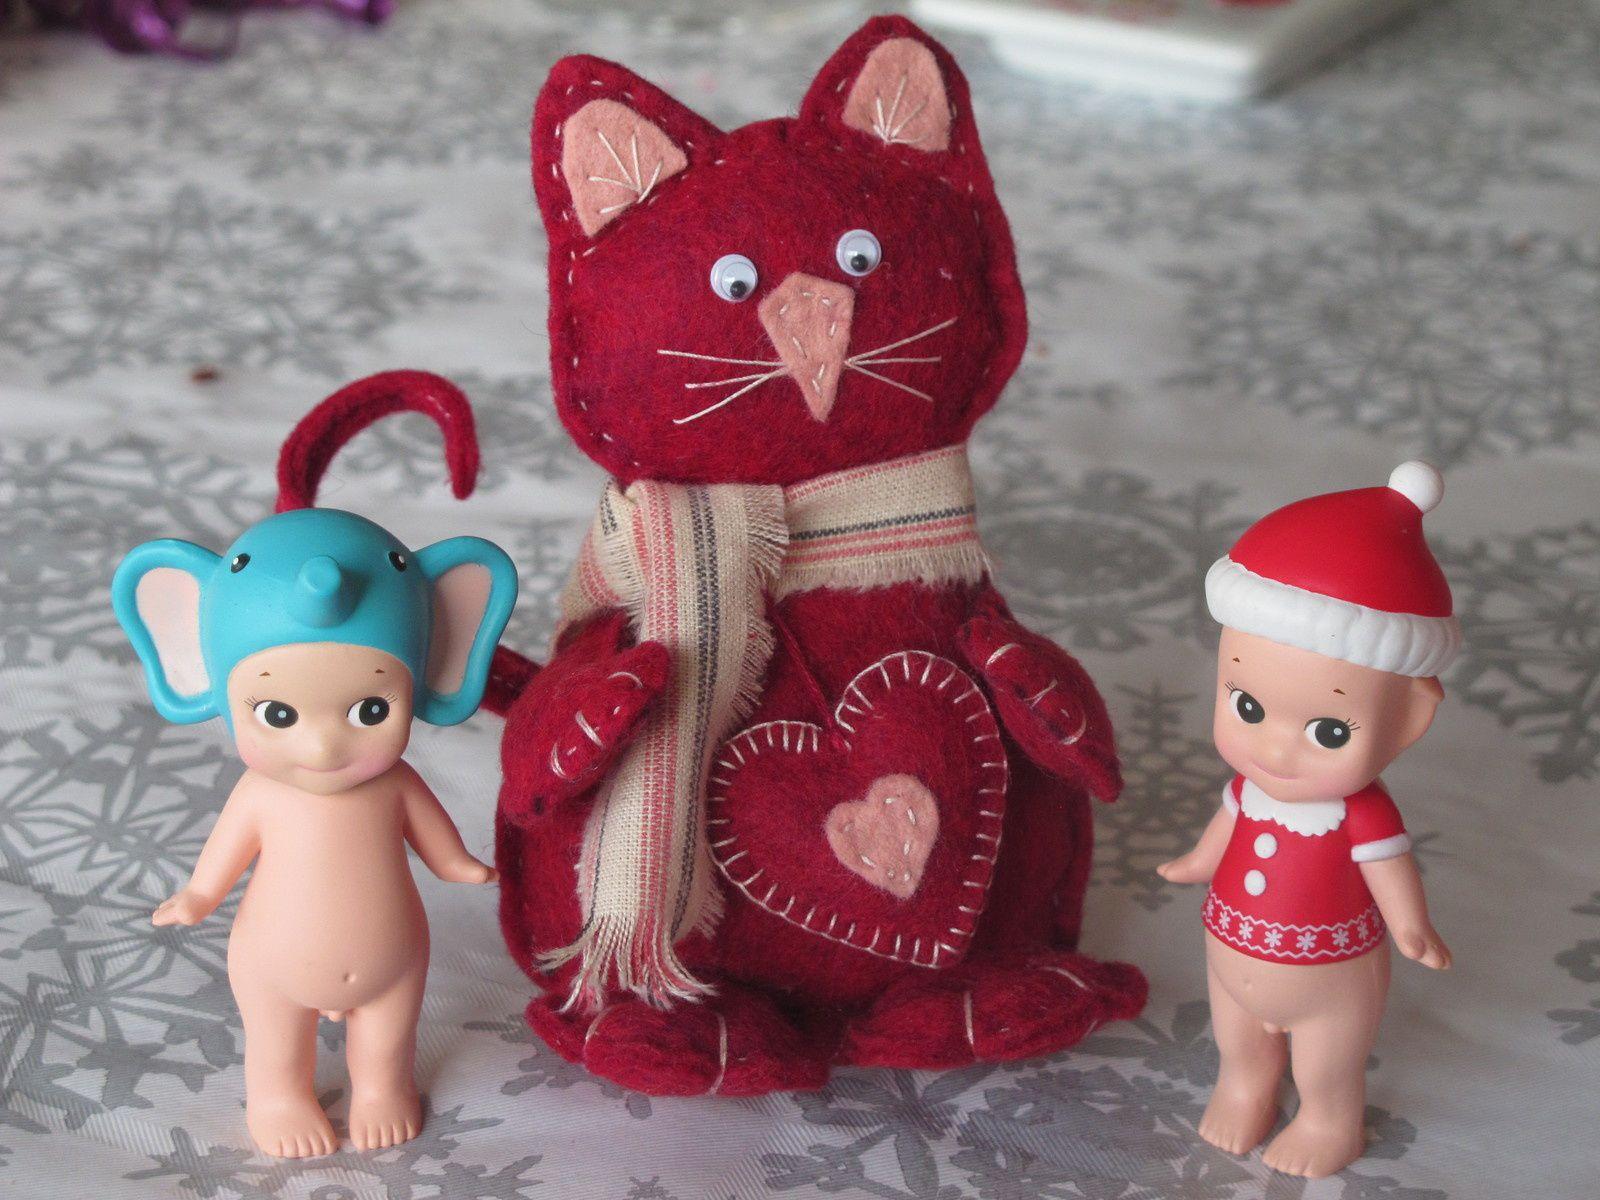 Mes amies brodeuses m'ont gaté, cath m'a fait ce petit chat en feutrine et Barbara a contribué a agrandir ma petite collection Merci beaucoup les filles♥♥♥